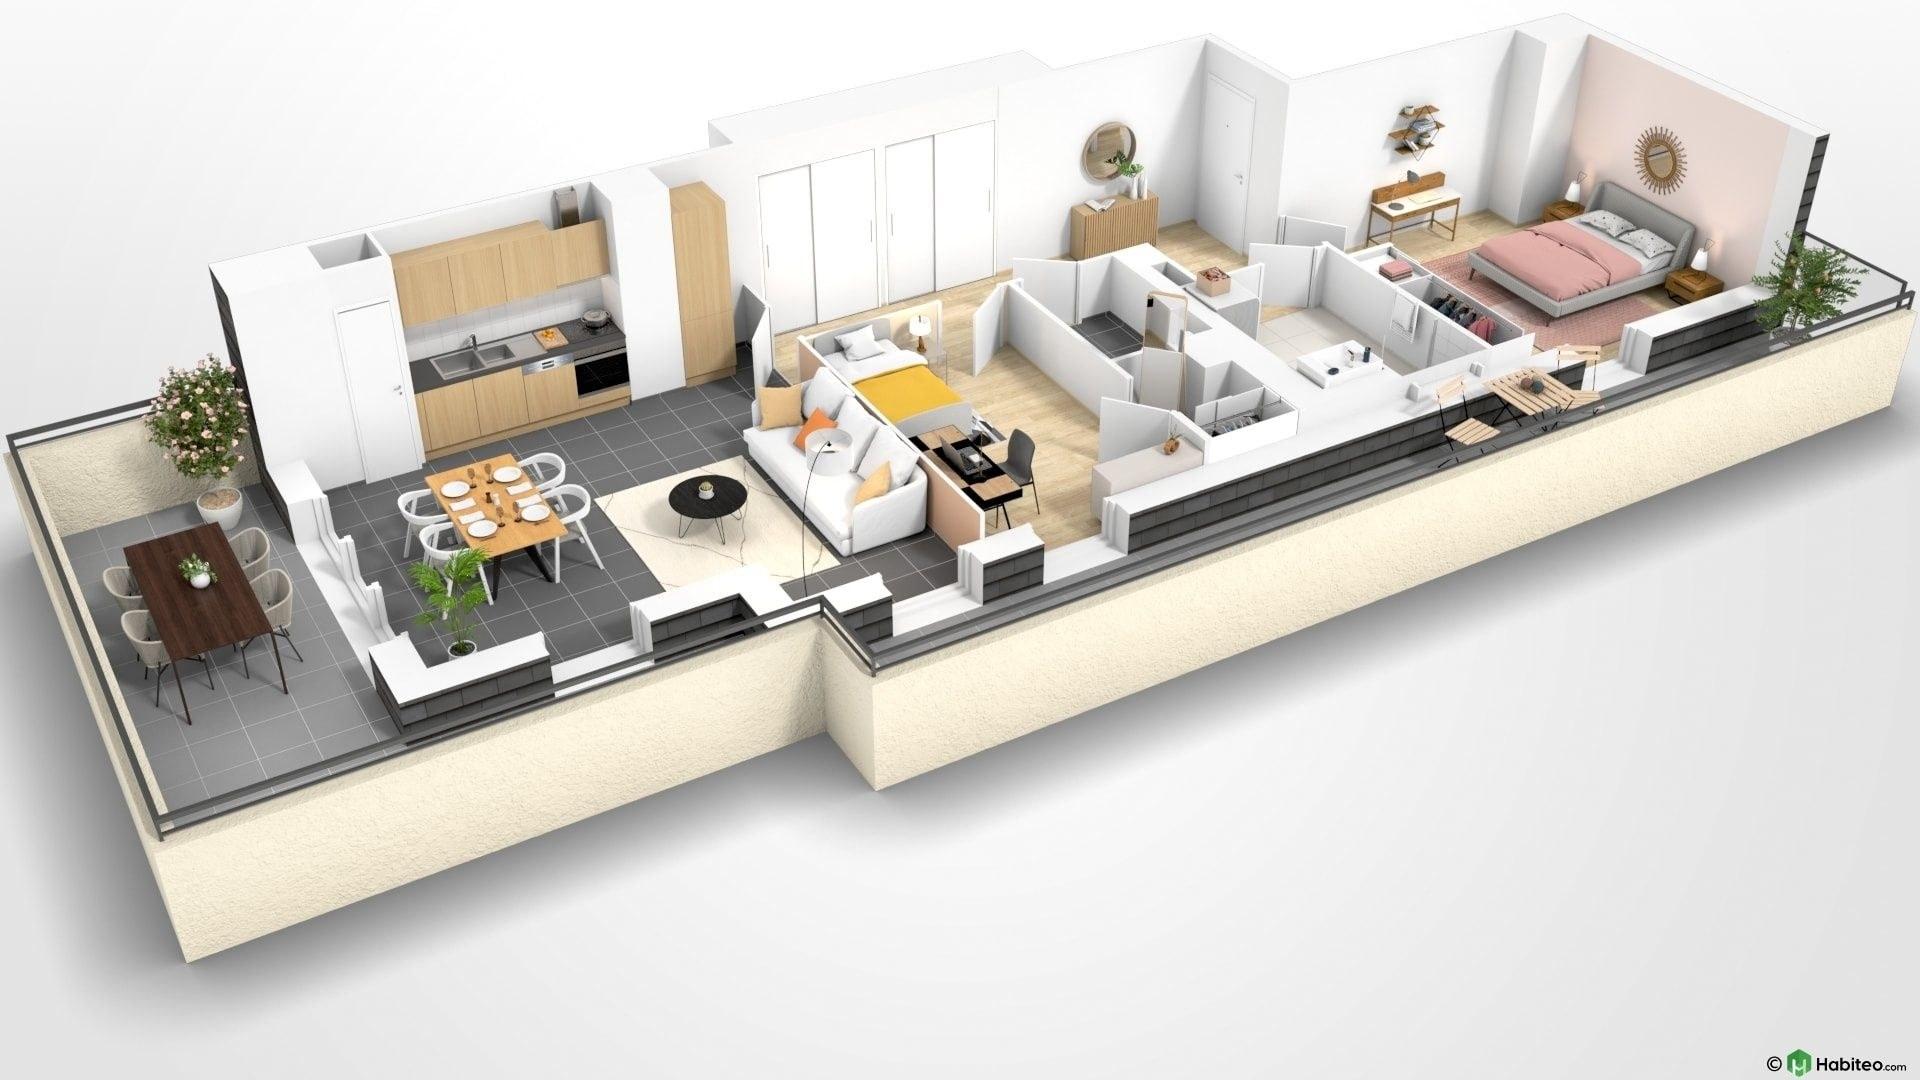 Beauvais Oise 60 Résidence Le Franc Marché centre-ville appartement neuf VEFA plan habiter investir investissement locatif loi défiscalisation Pinel réduction impôts H301